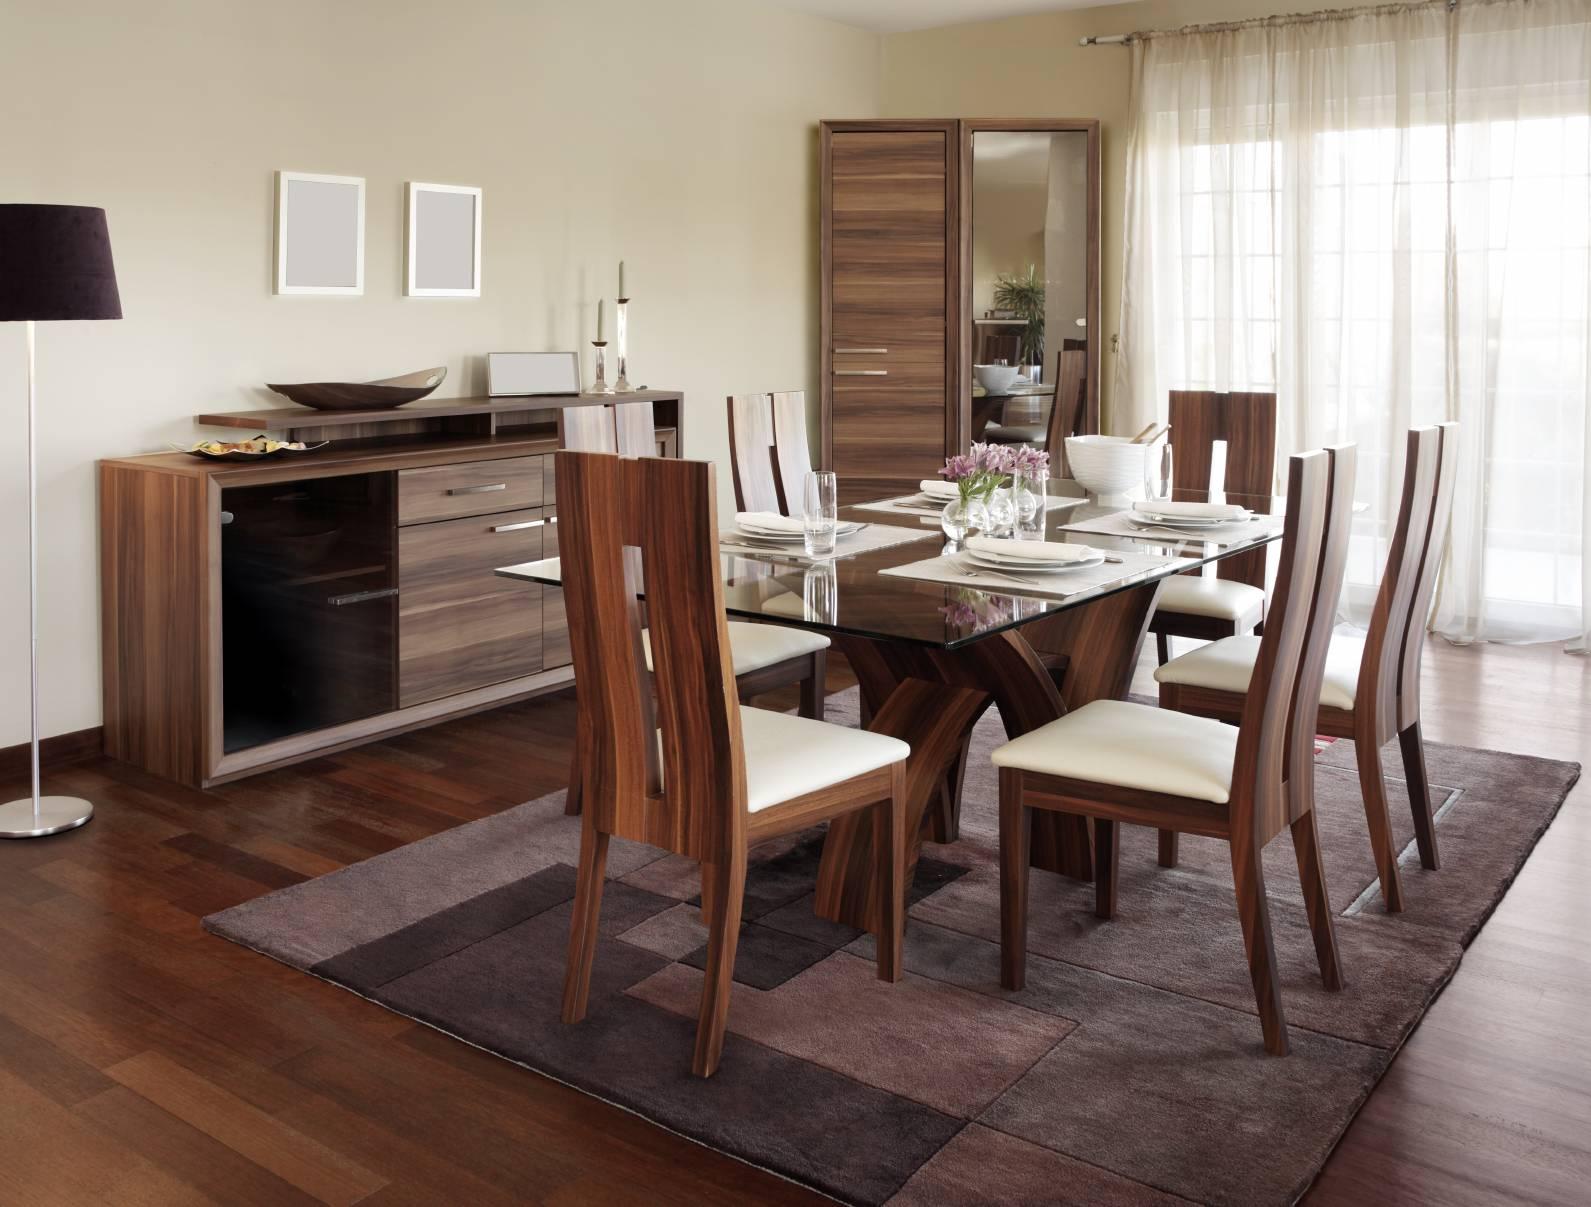 Quelles chaises choisir pour sa salle manger for Salle a manger style zen